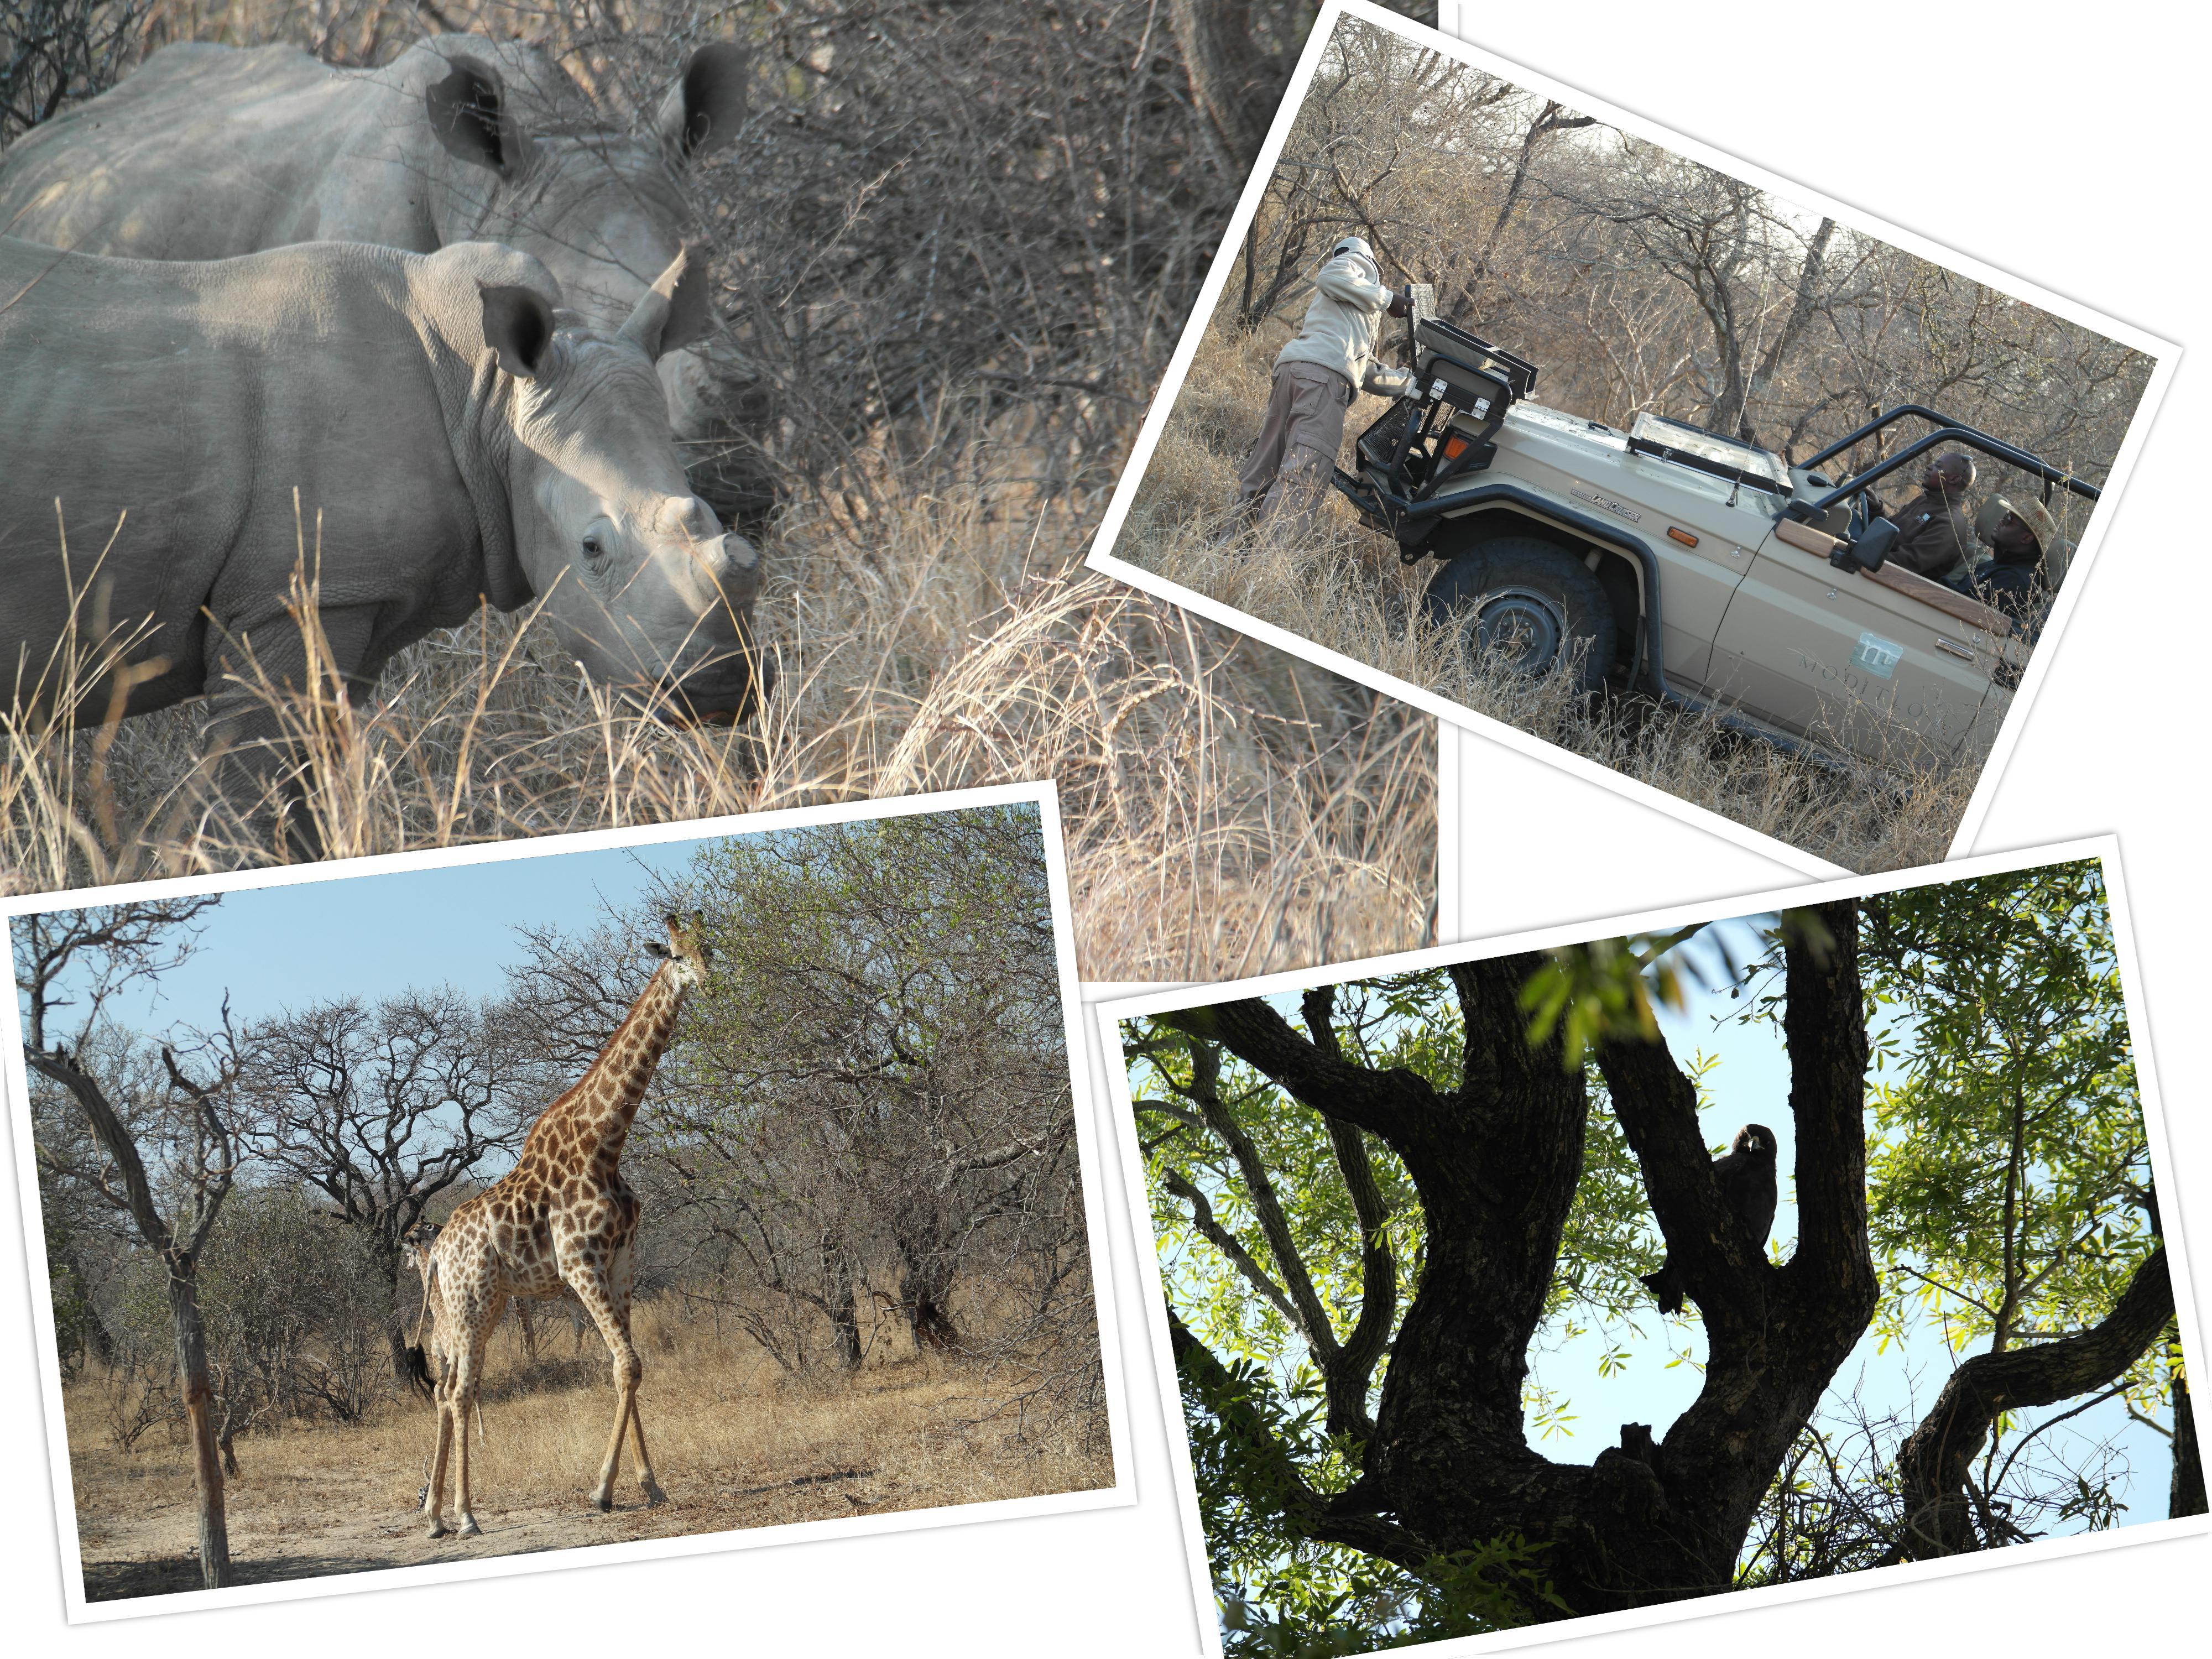 Prachtig he! De hoorns van de neushoorn sneden zij overigens zelf af, zodat stropers er niets aan hebben.